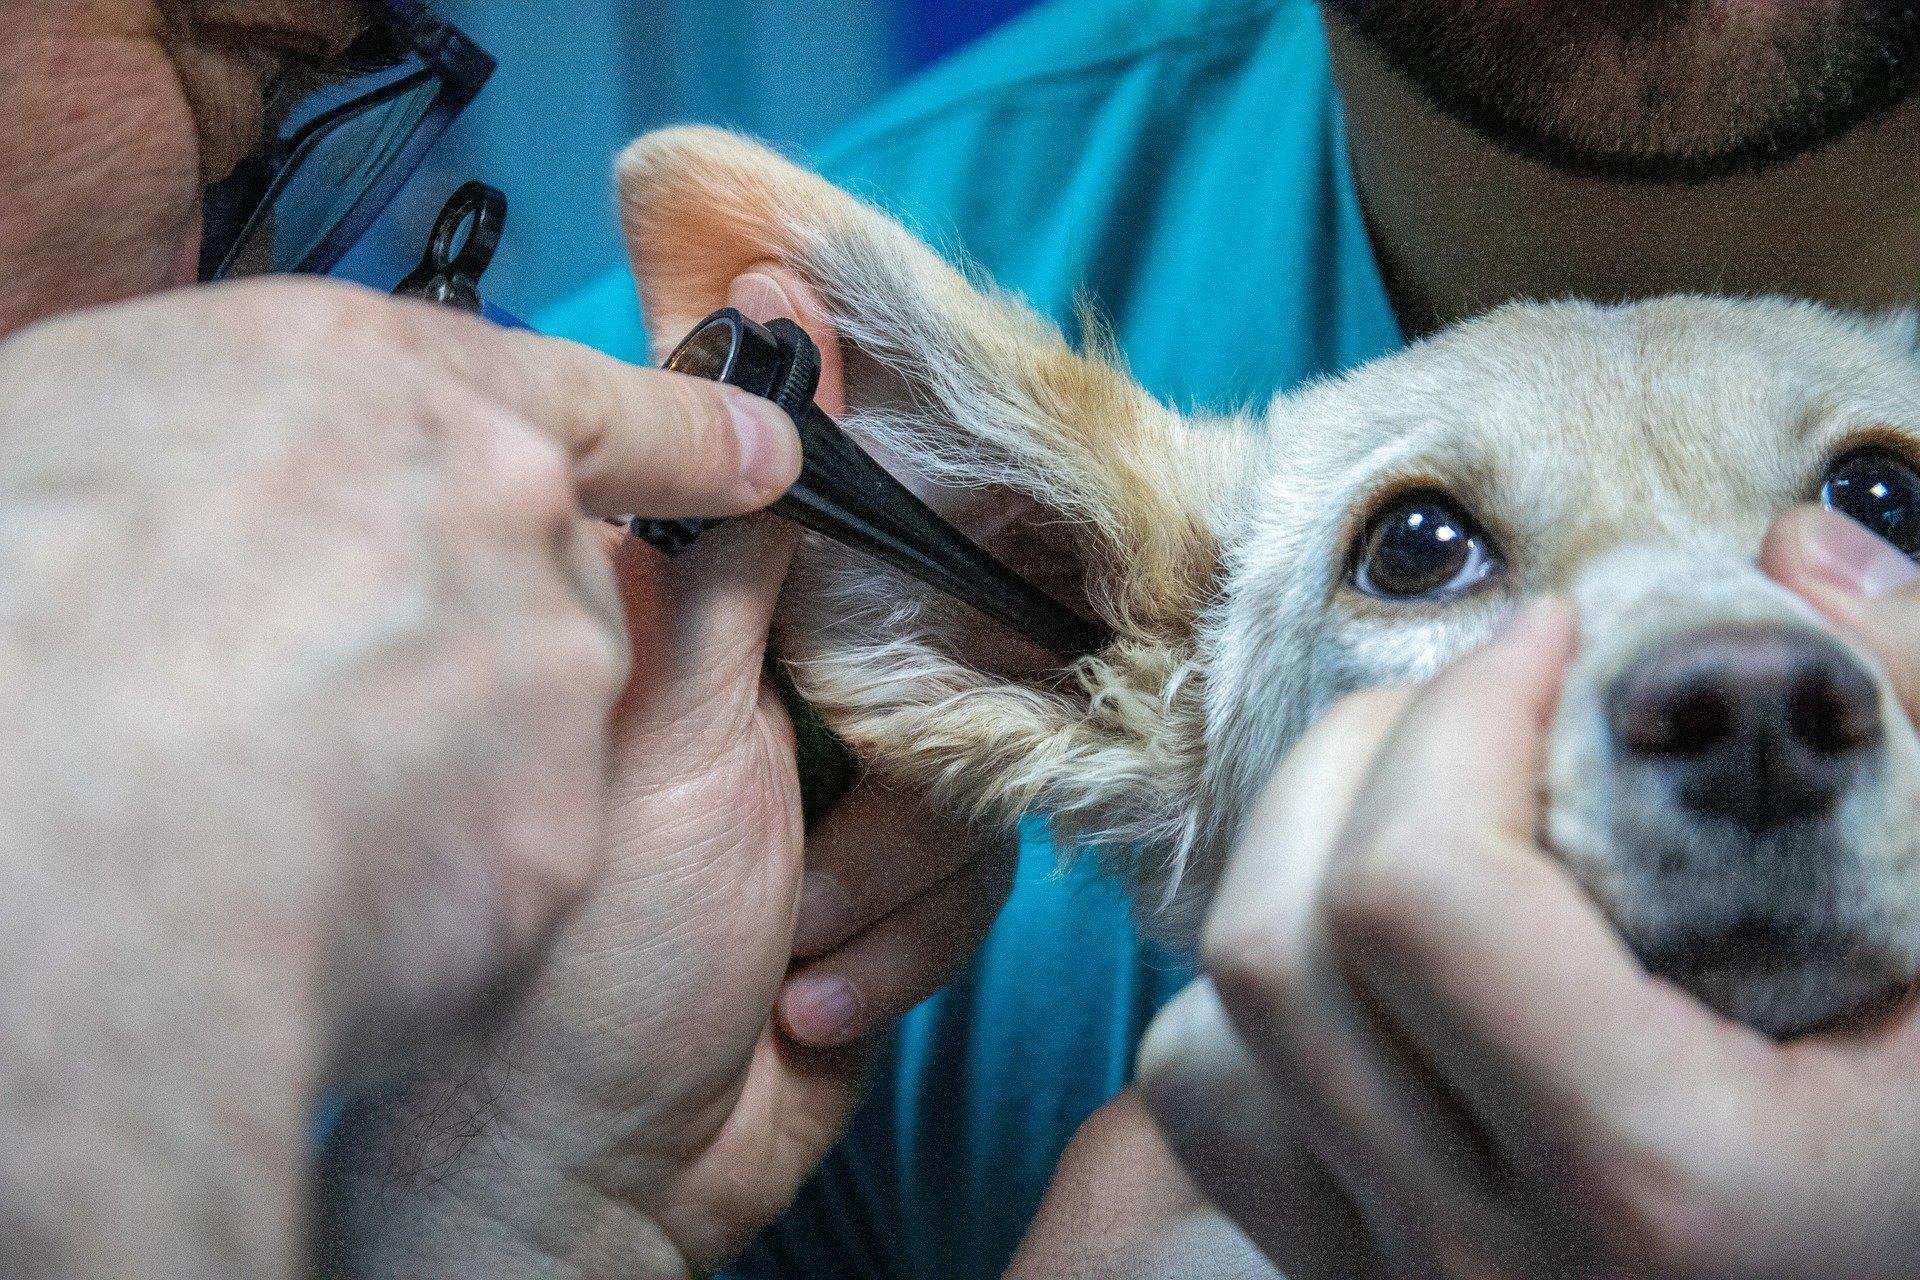 Infekcia ucha psa je najčastejšie spôsobená chladnými a vlhkými podmienkami.